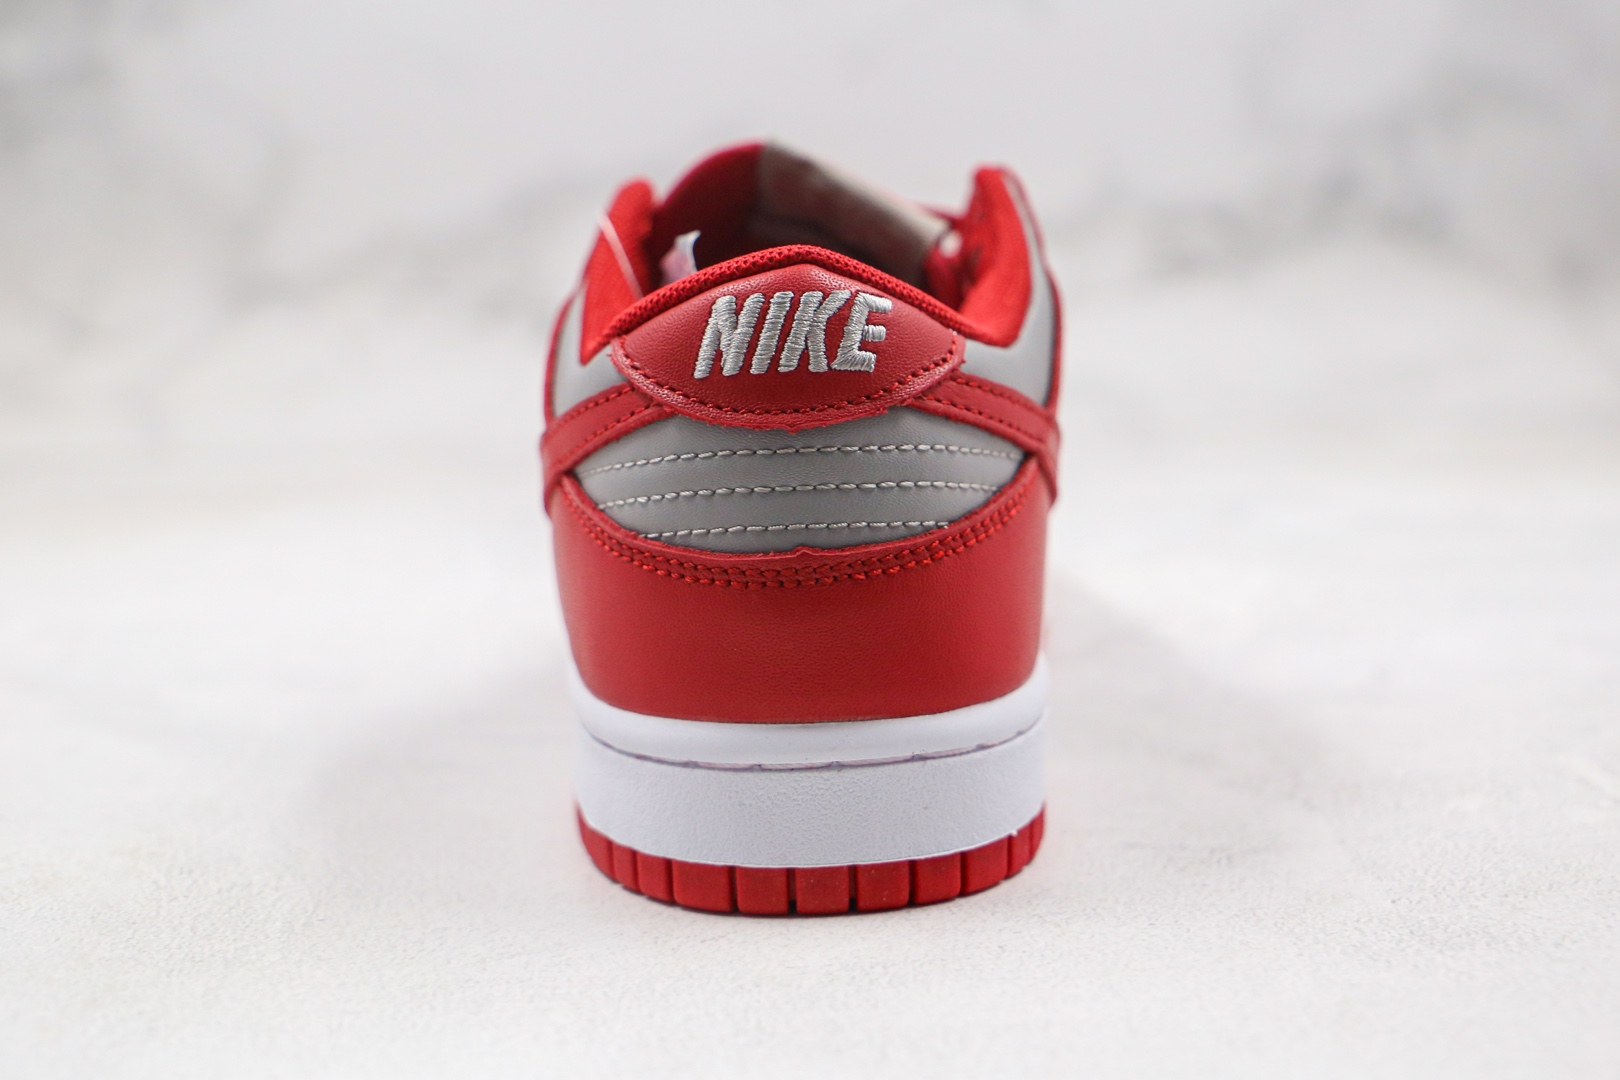 耐克Nike SB Dunk Low纯原版本低帮SB DUNK灰红色板鞋内置气垫原盒原标 货号:DD1301-002